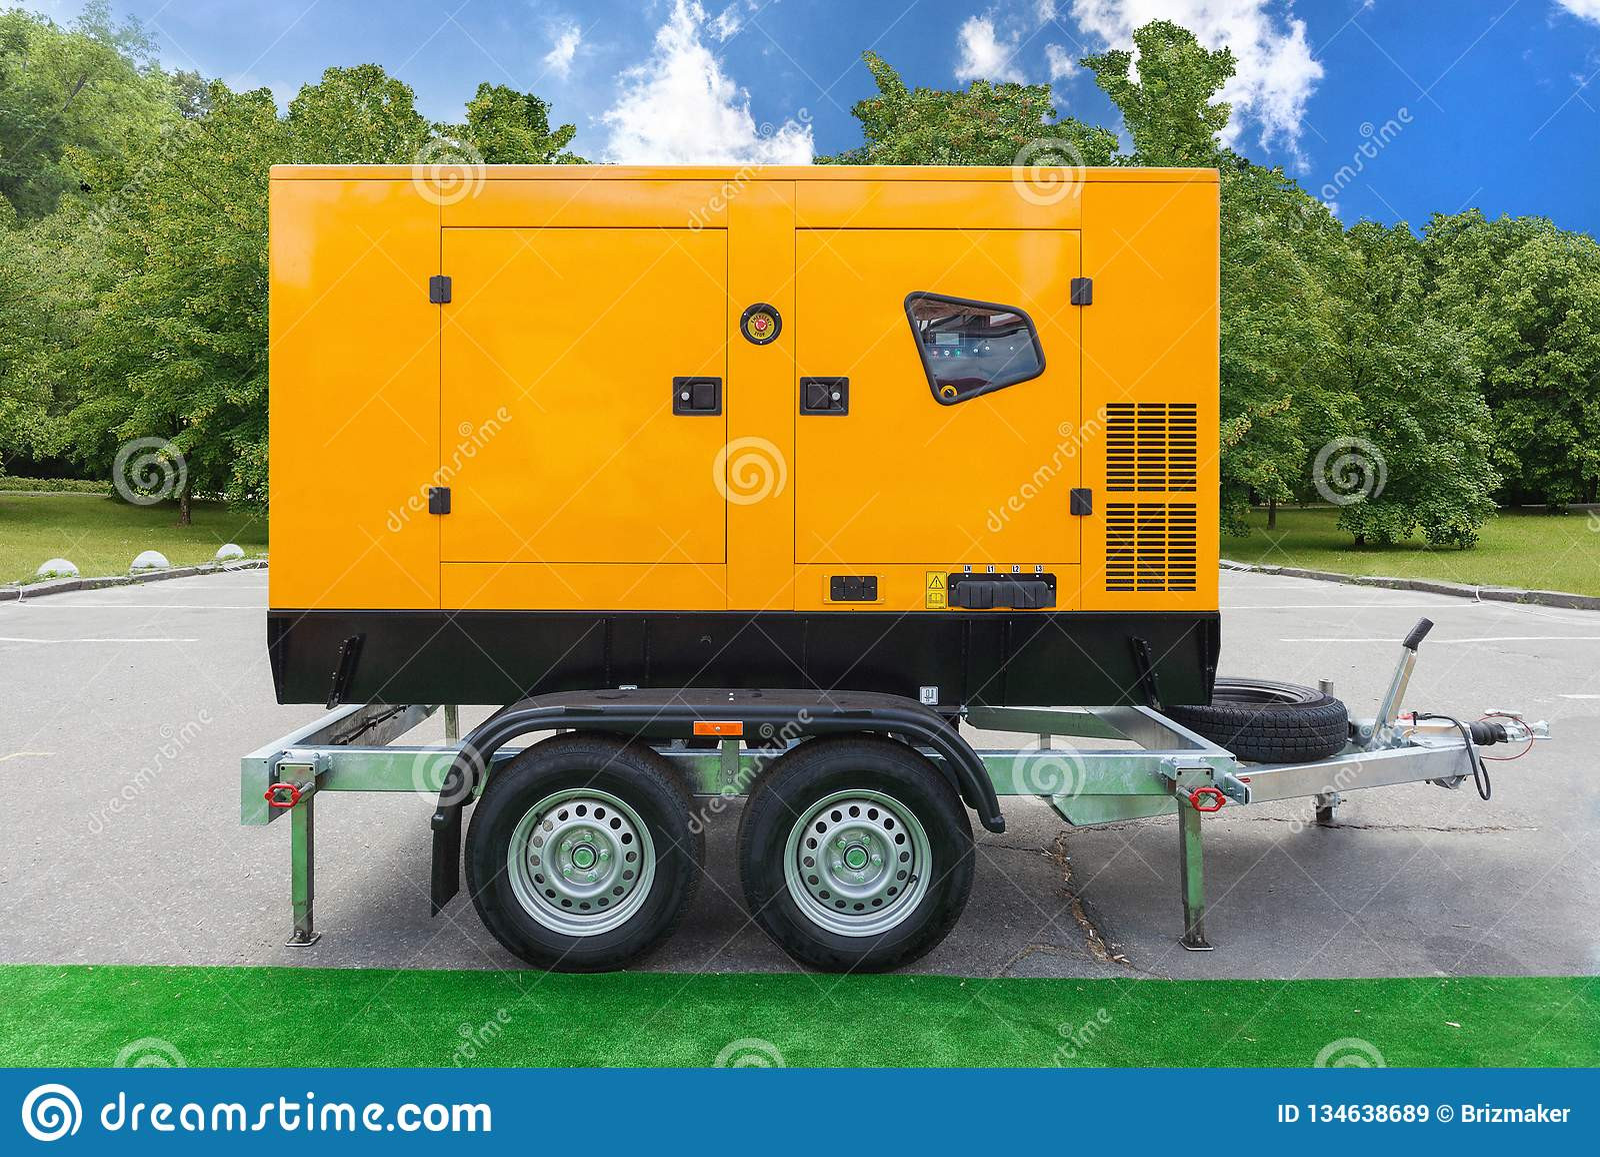 Gerador diesel móvel da carga para a energia elétrica da emergência que está exterior contra árvores verdes e o céu azul